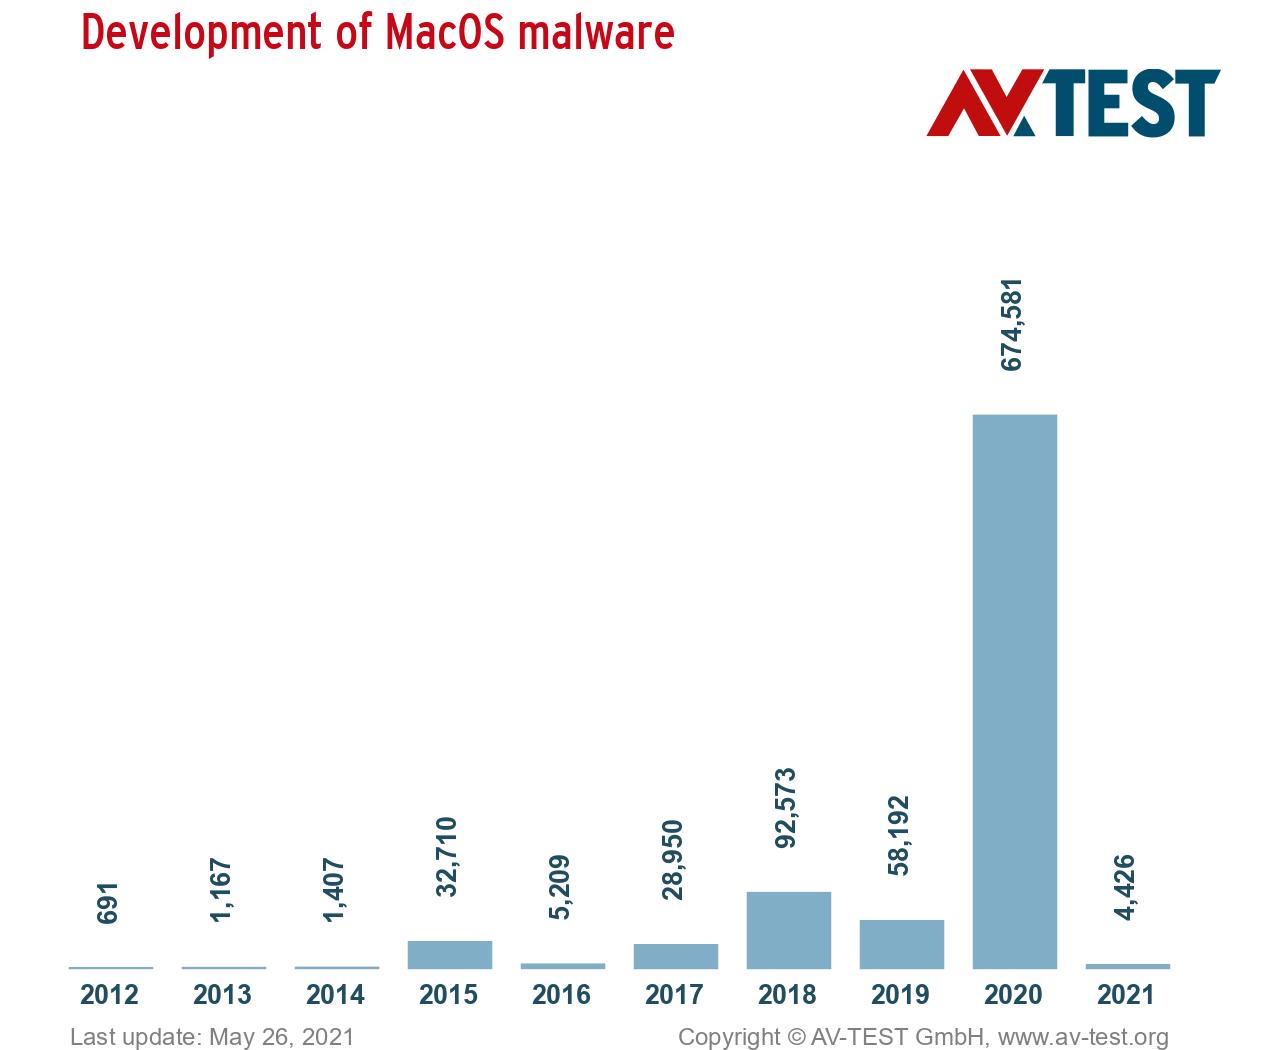 AV-TEST — The development of macOS malware from 2011 to 2021